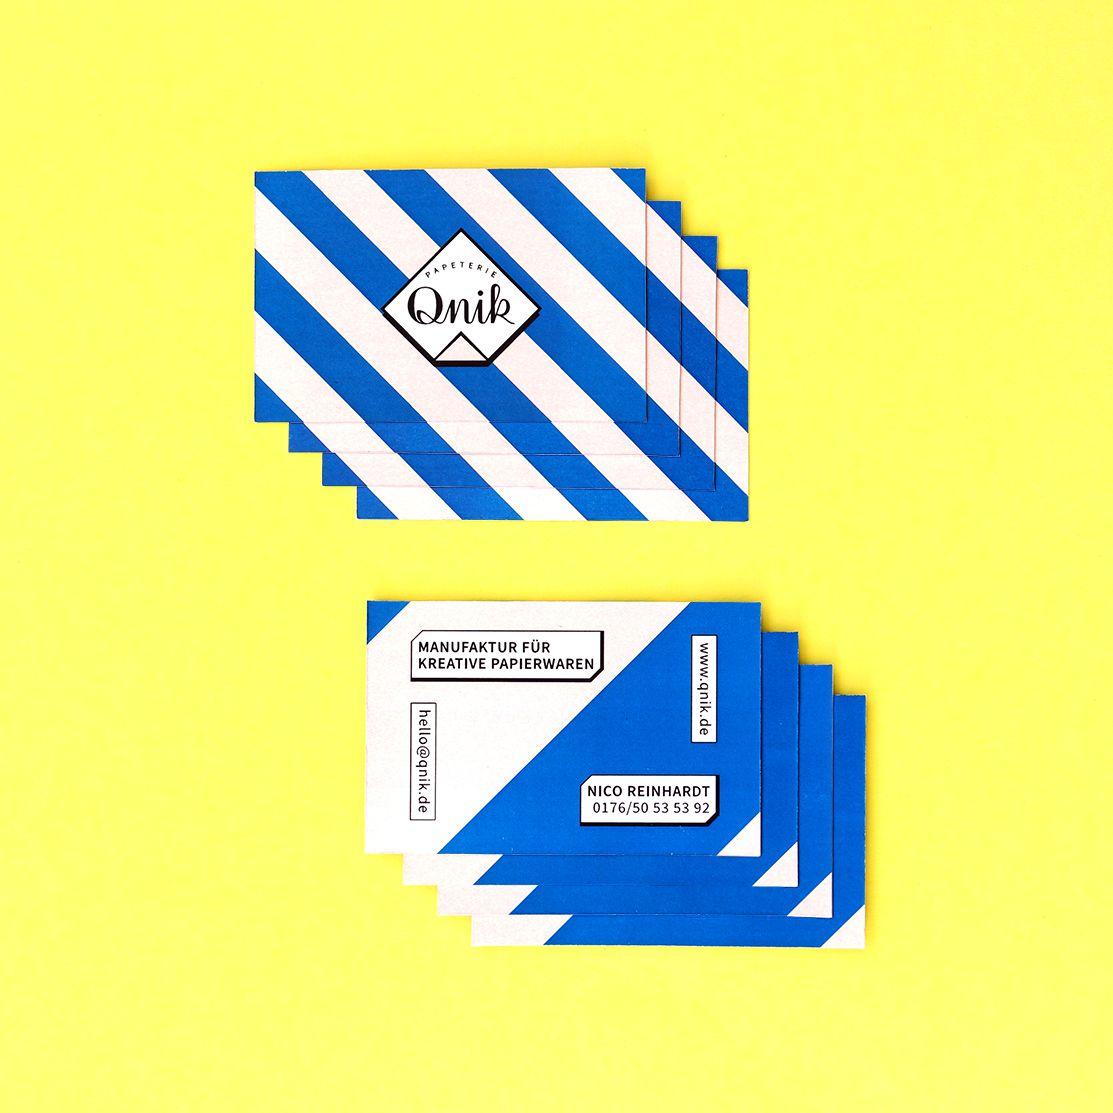 Druckfrisch Wir Präsentieren Unsere Neue Visitenkarte